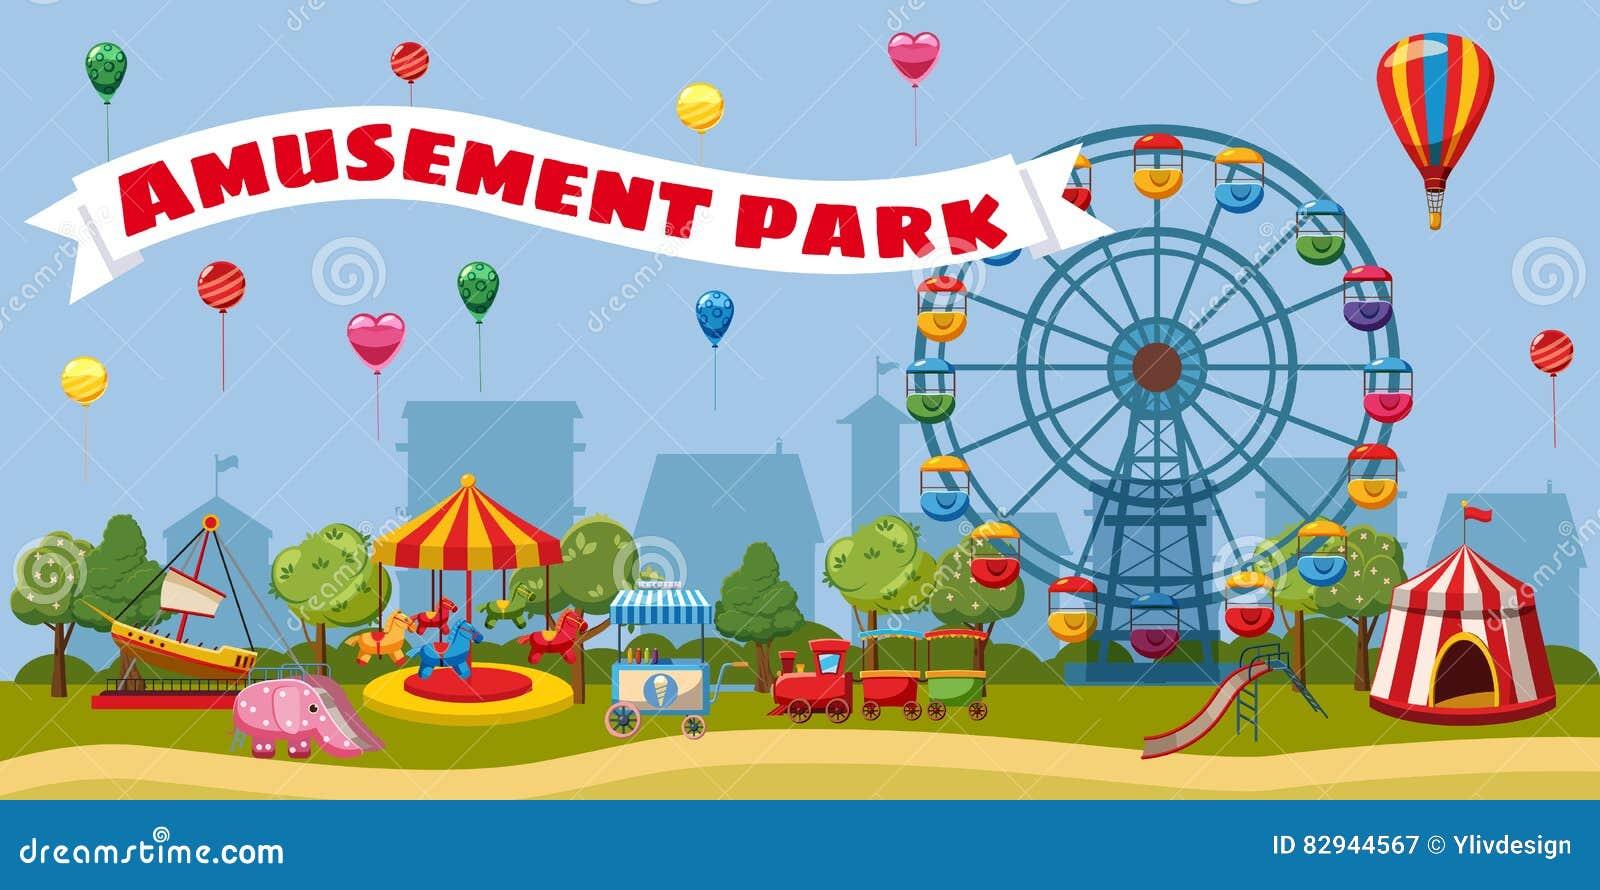 Amusement park landscape concept, cartoon style